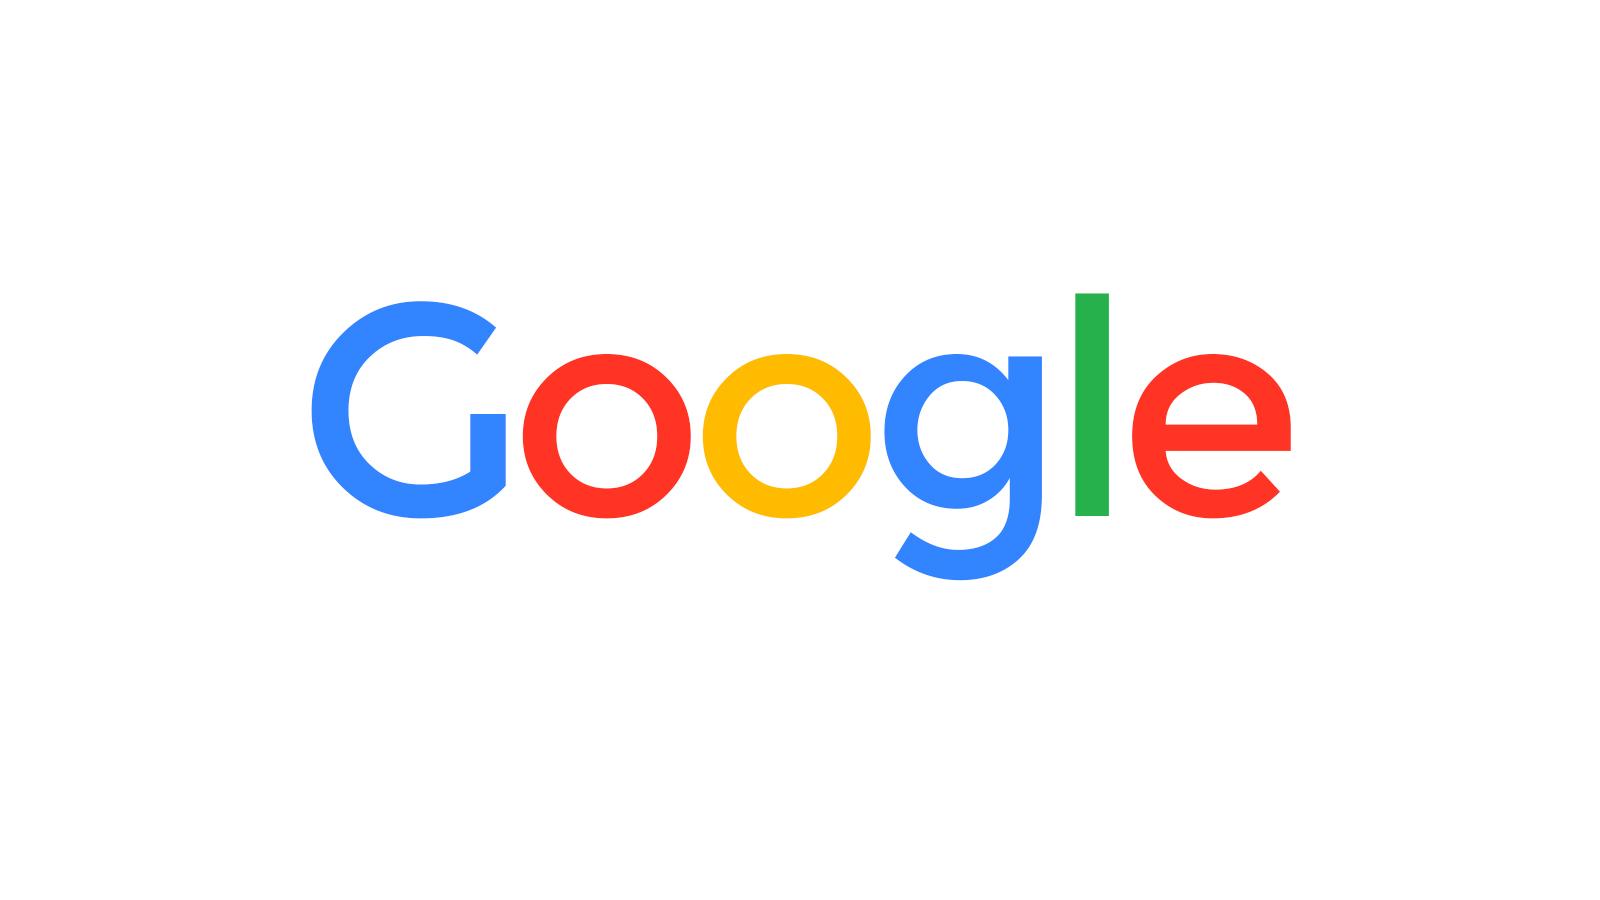 Μια νέα εξέδρα στο Google που ακόμα δοκιμάζεται!